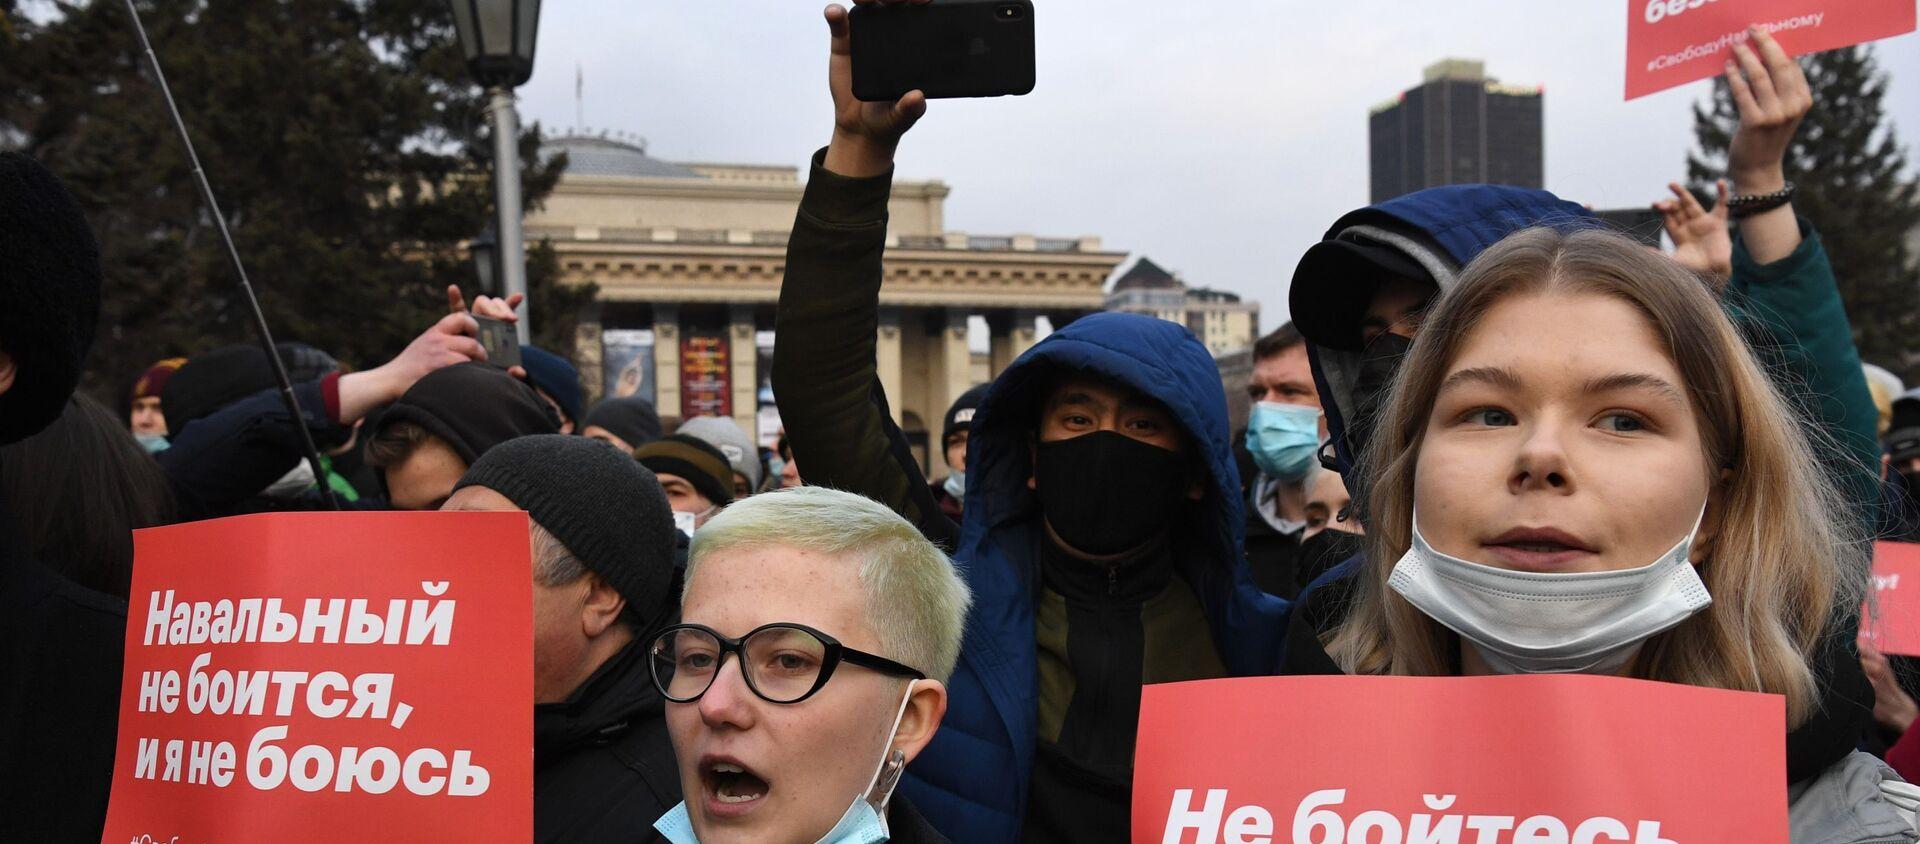 Rusya genelinde Navalnıy için izinsiz protestolar düzenlendi - Sputnik Türkiye, 1920, 21.04.2021